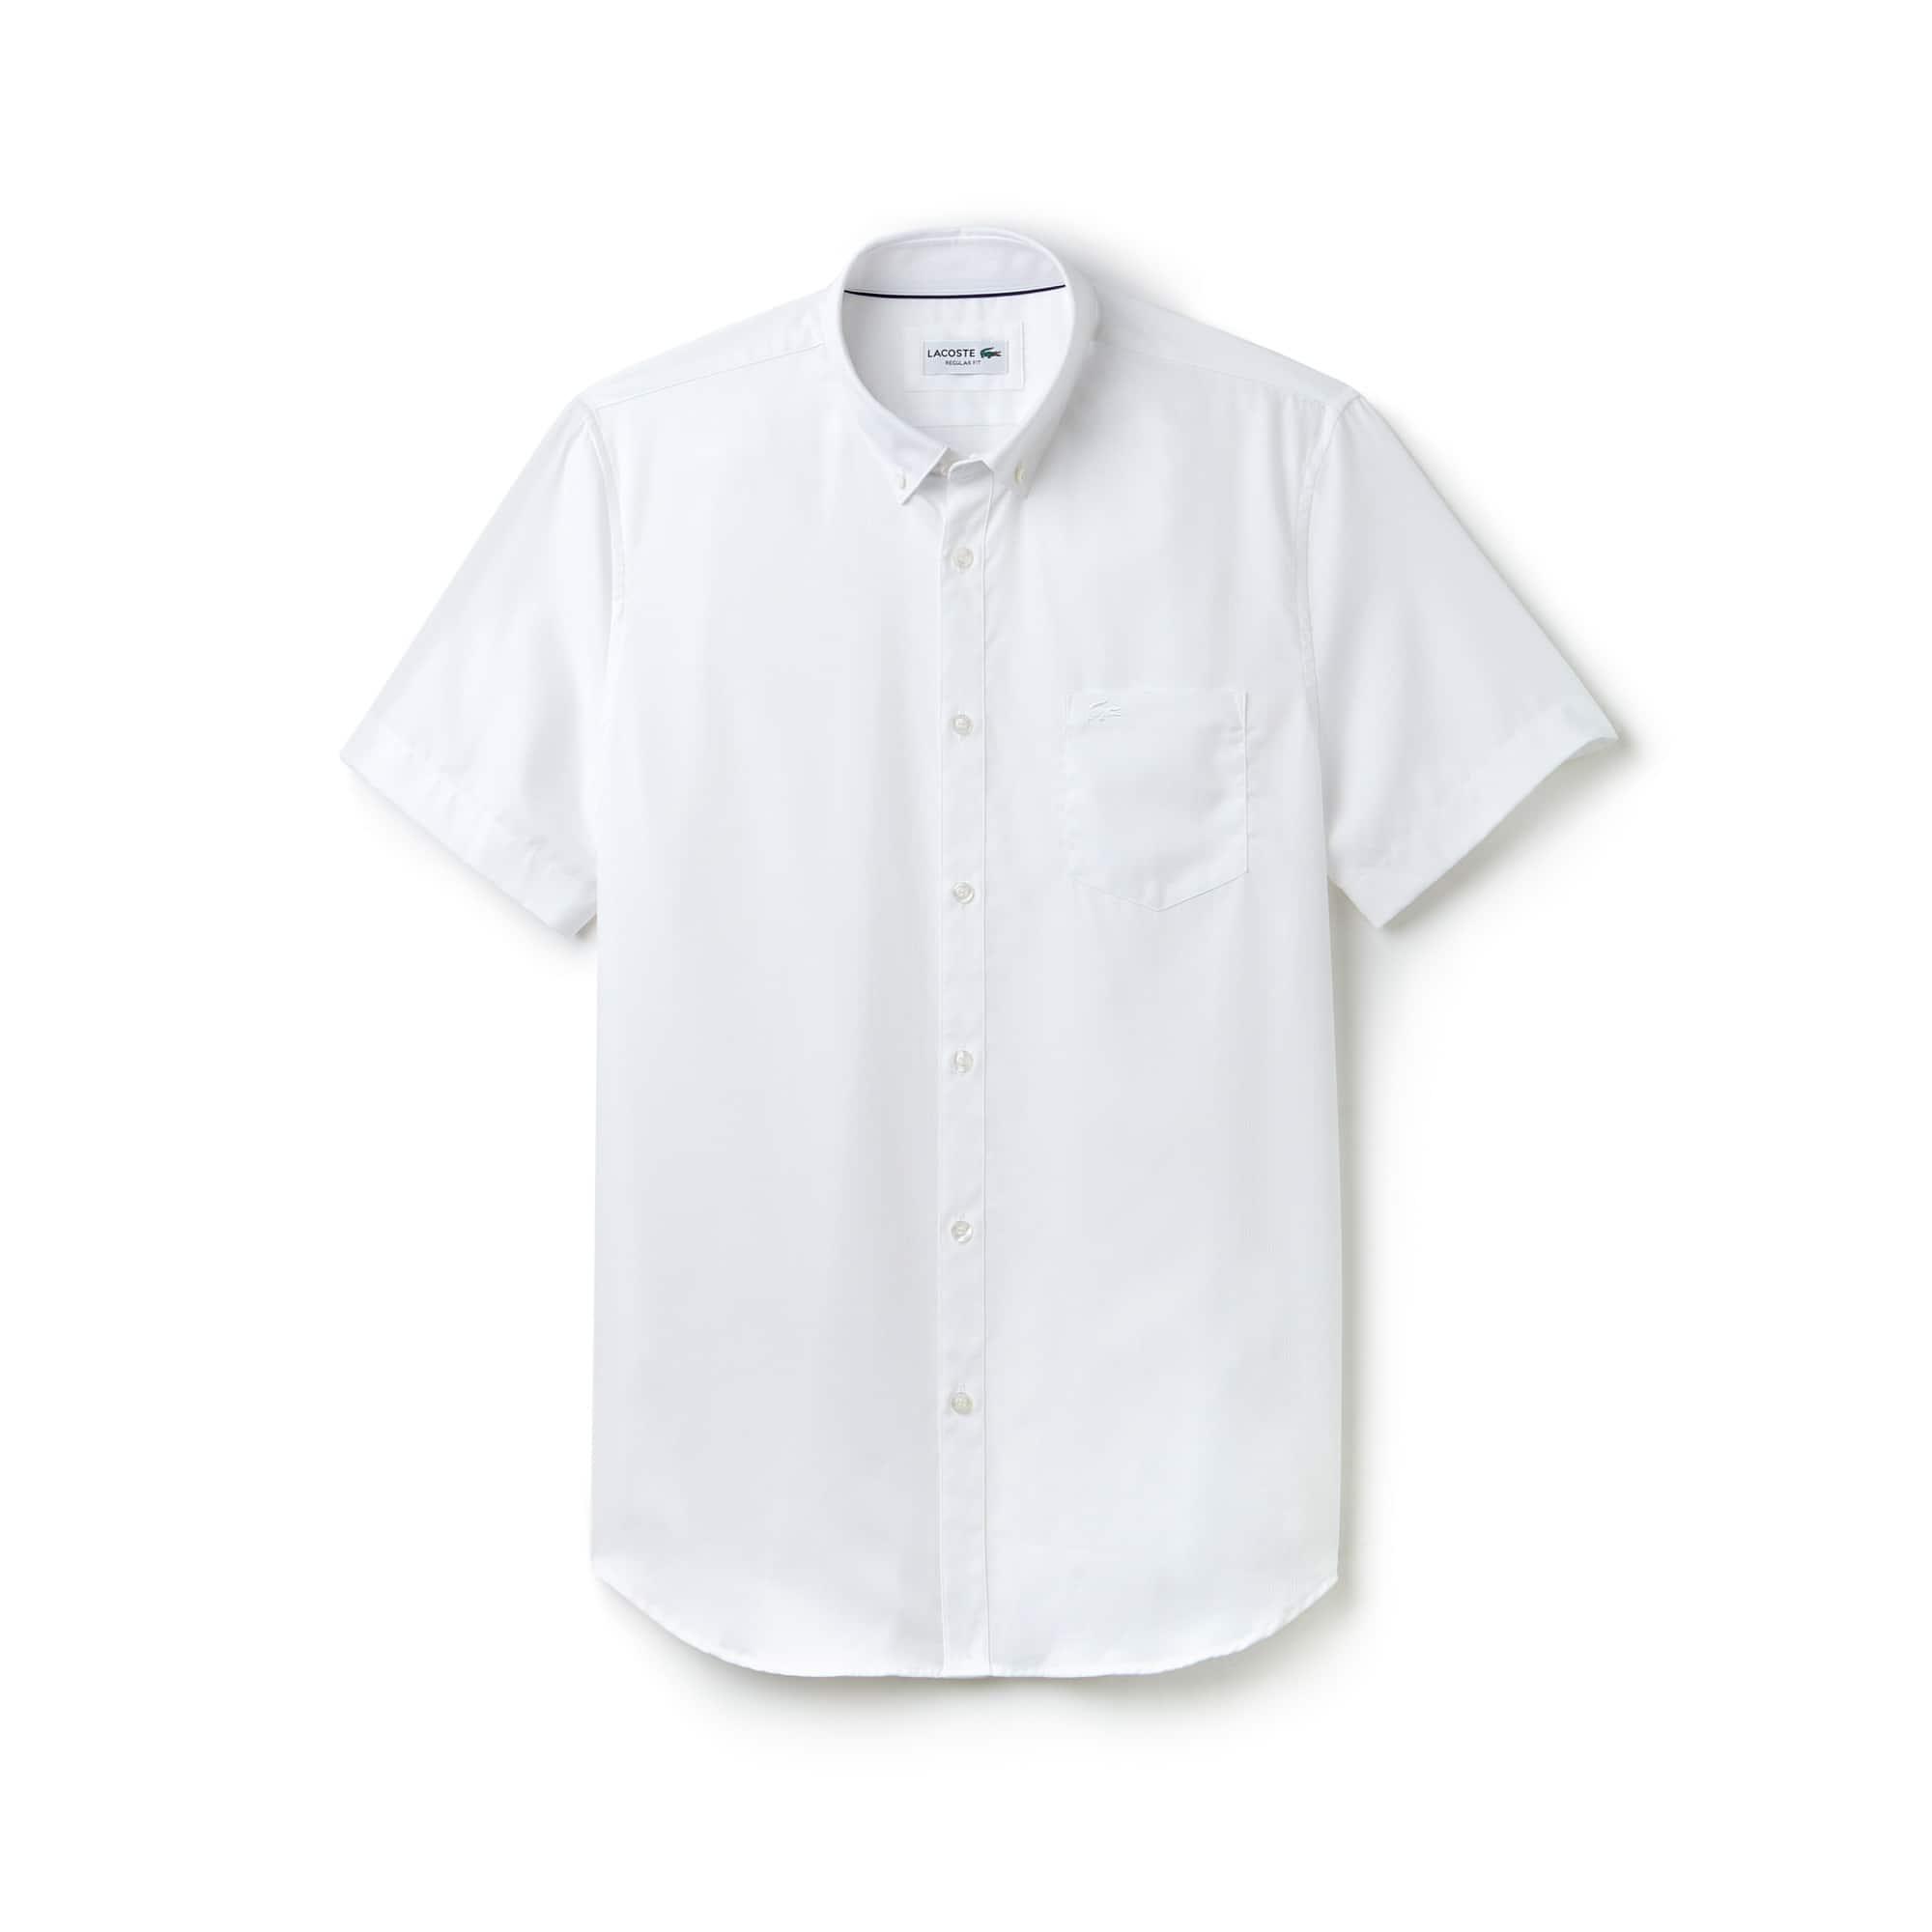 라코스테 반팔 셔츠 Lacoste Mens Regular Fit Texturized Poplin Shirt,white/white